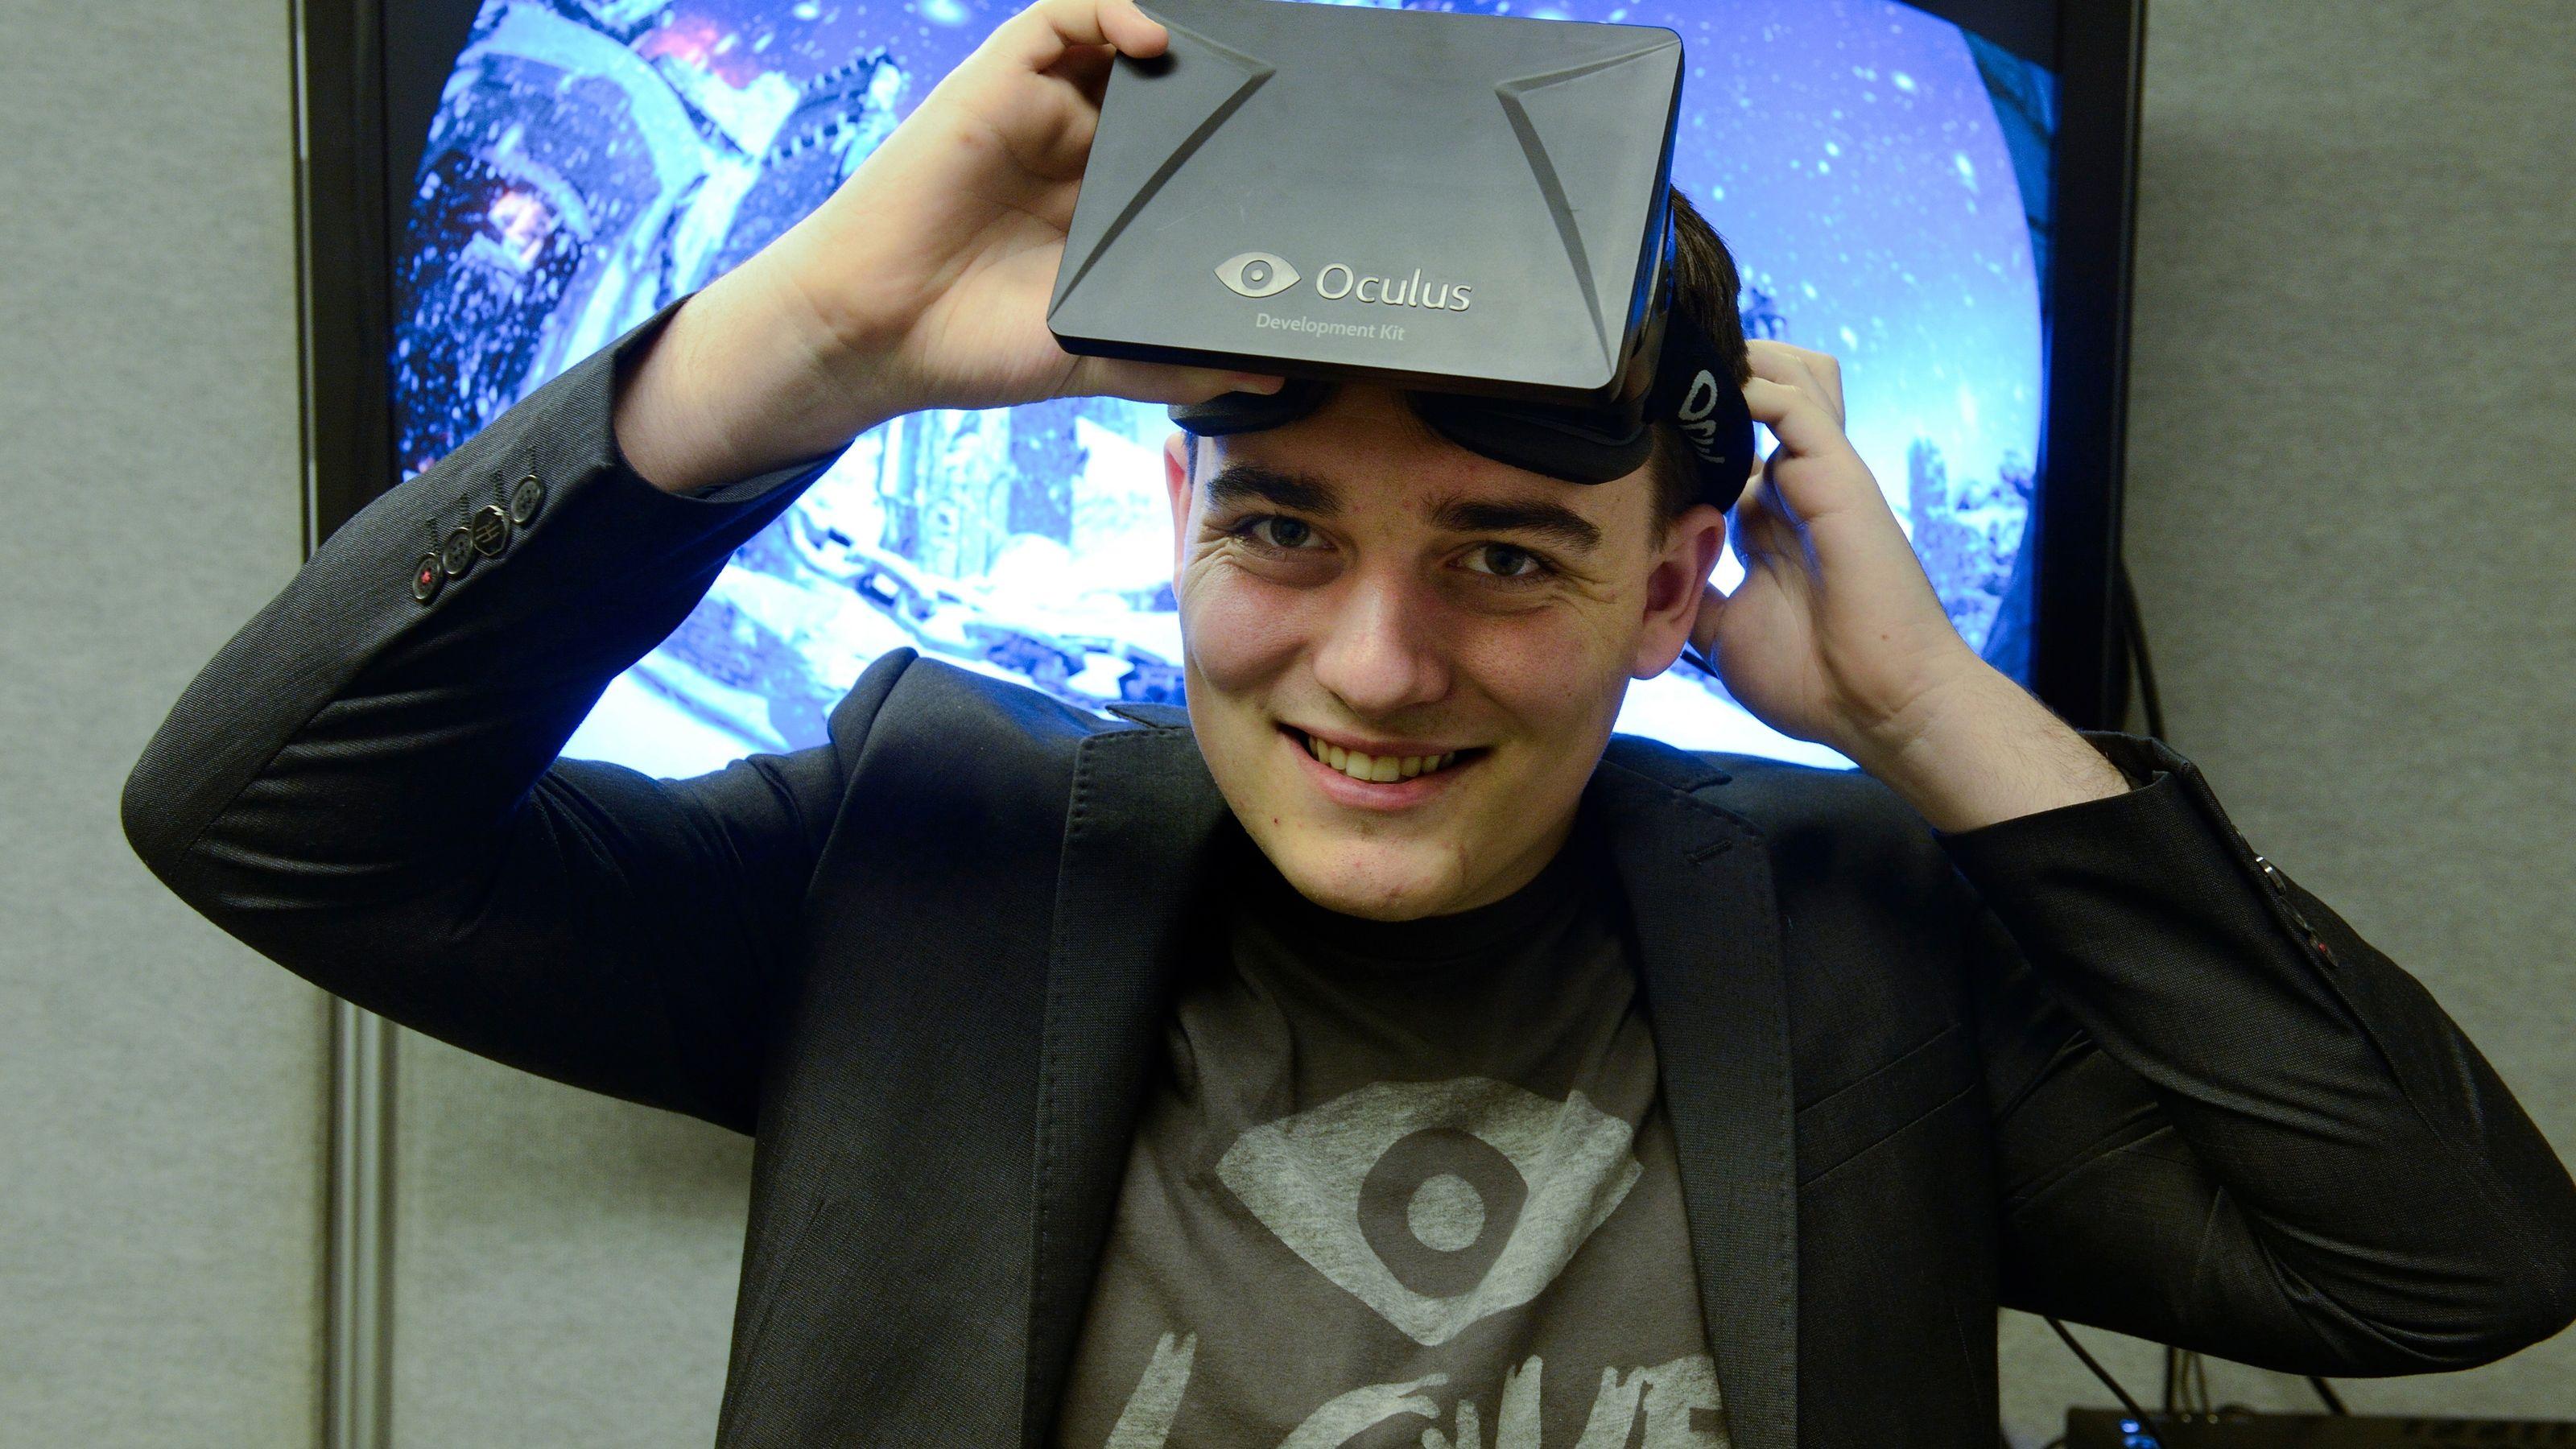 Il co-fondatore di Oculus, Palmer Luckey, lascia Facebook